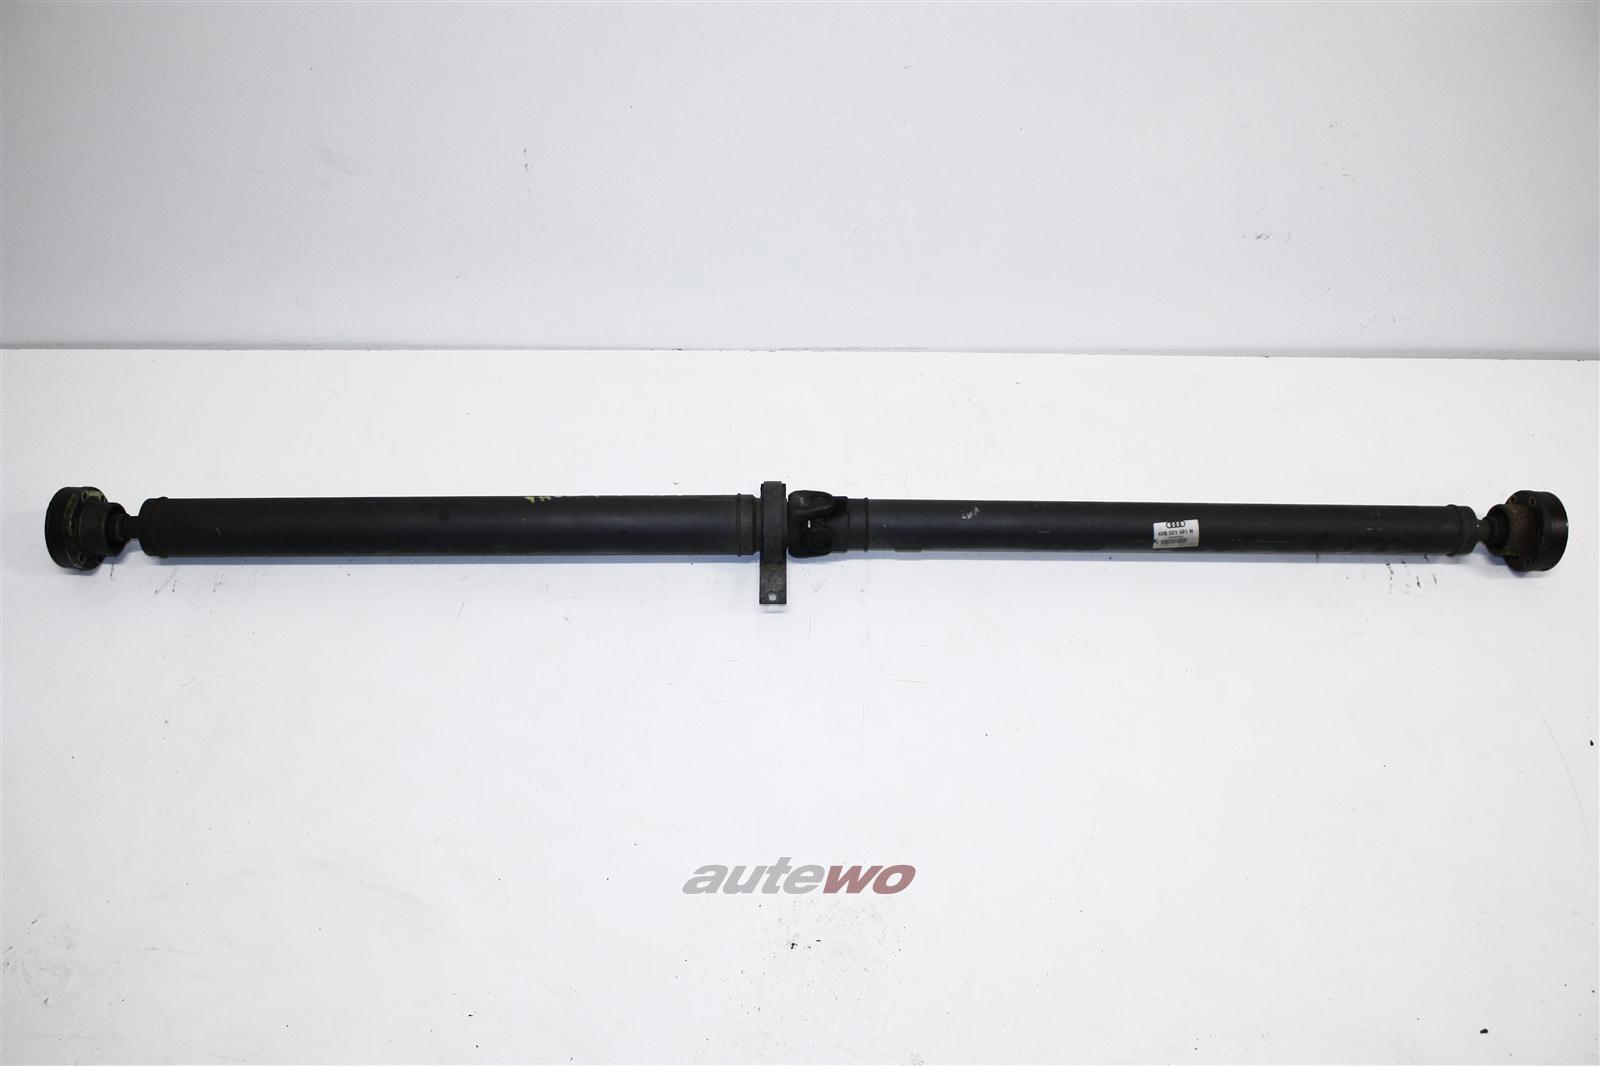 Audi A8 D2 6 Zylinder Kardanwelle 5-Gang-Automatik 4D0521101N 4D0521101N